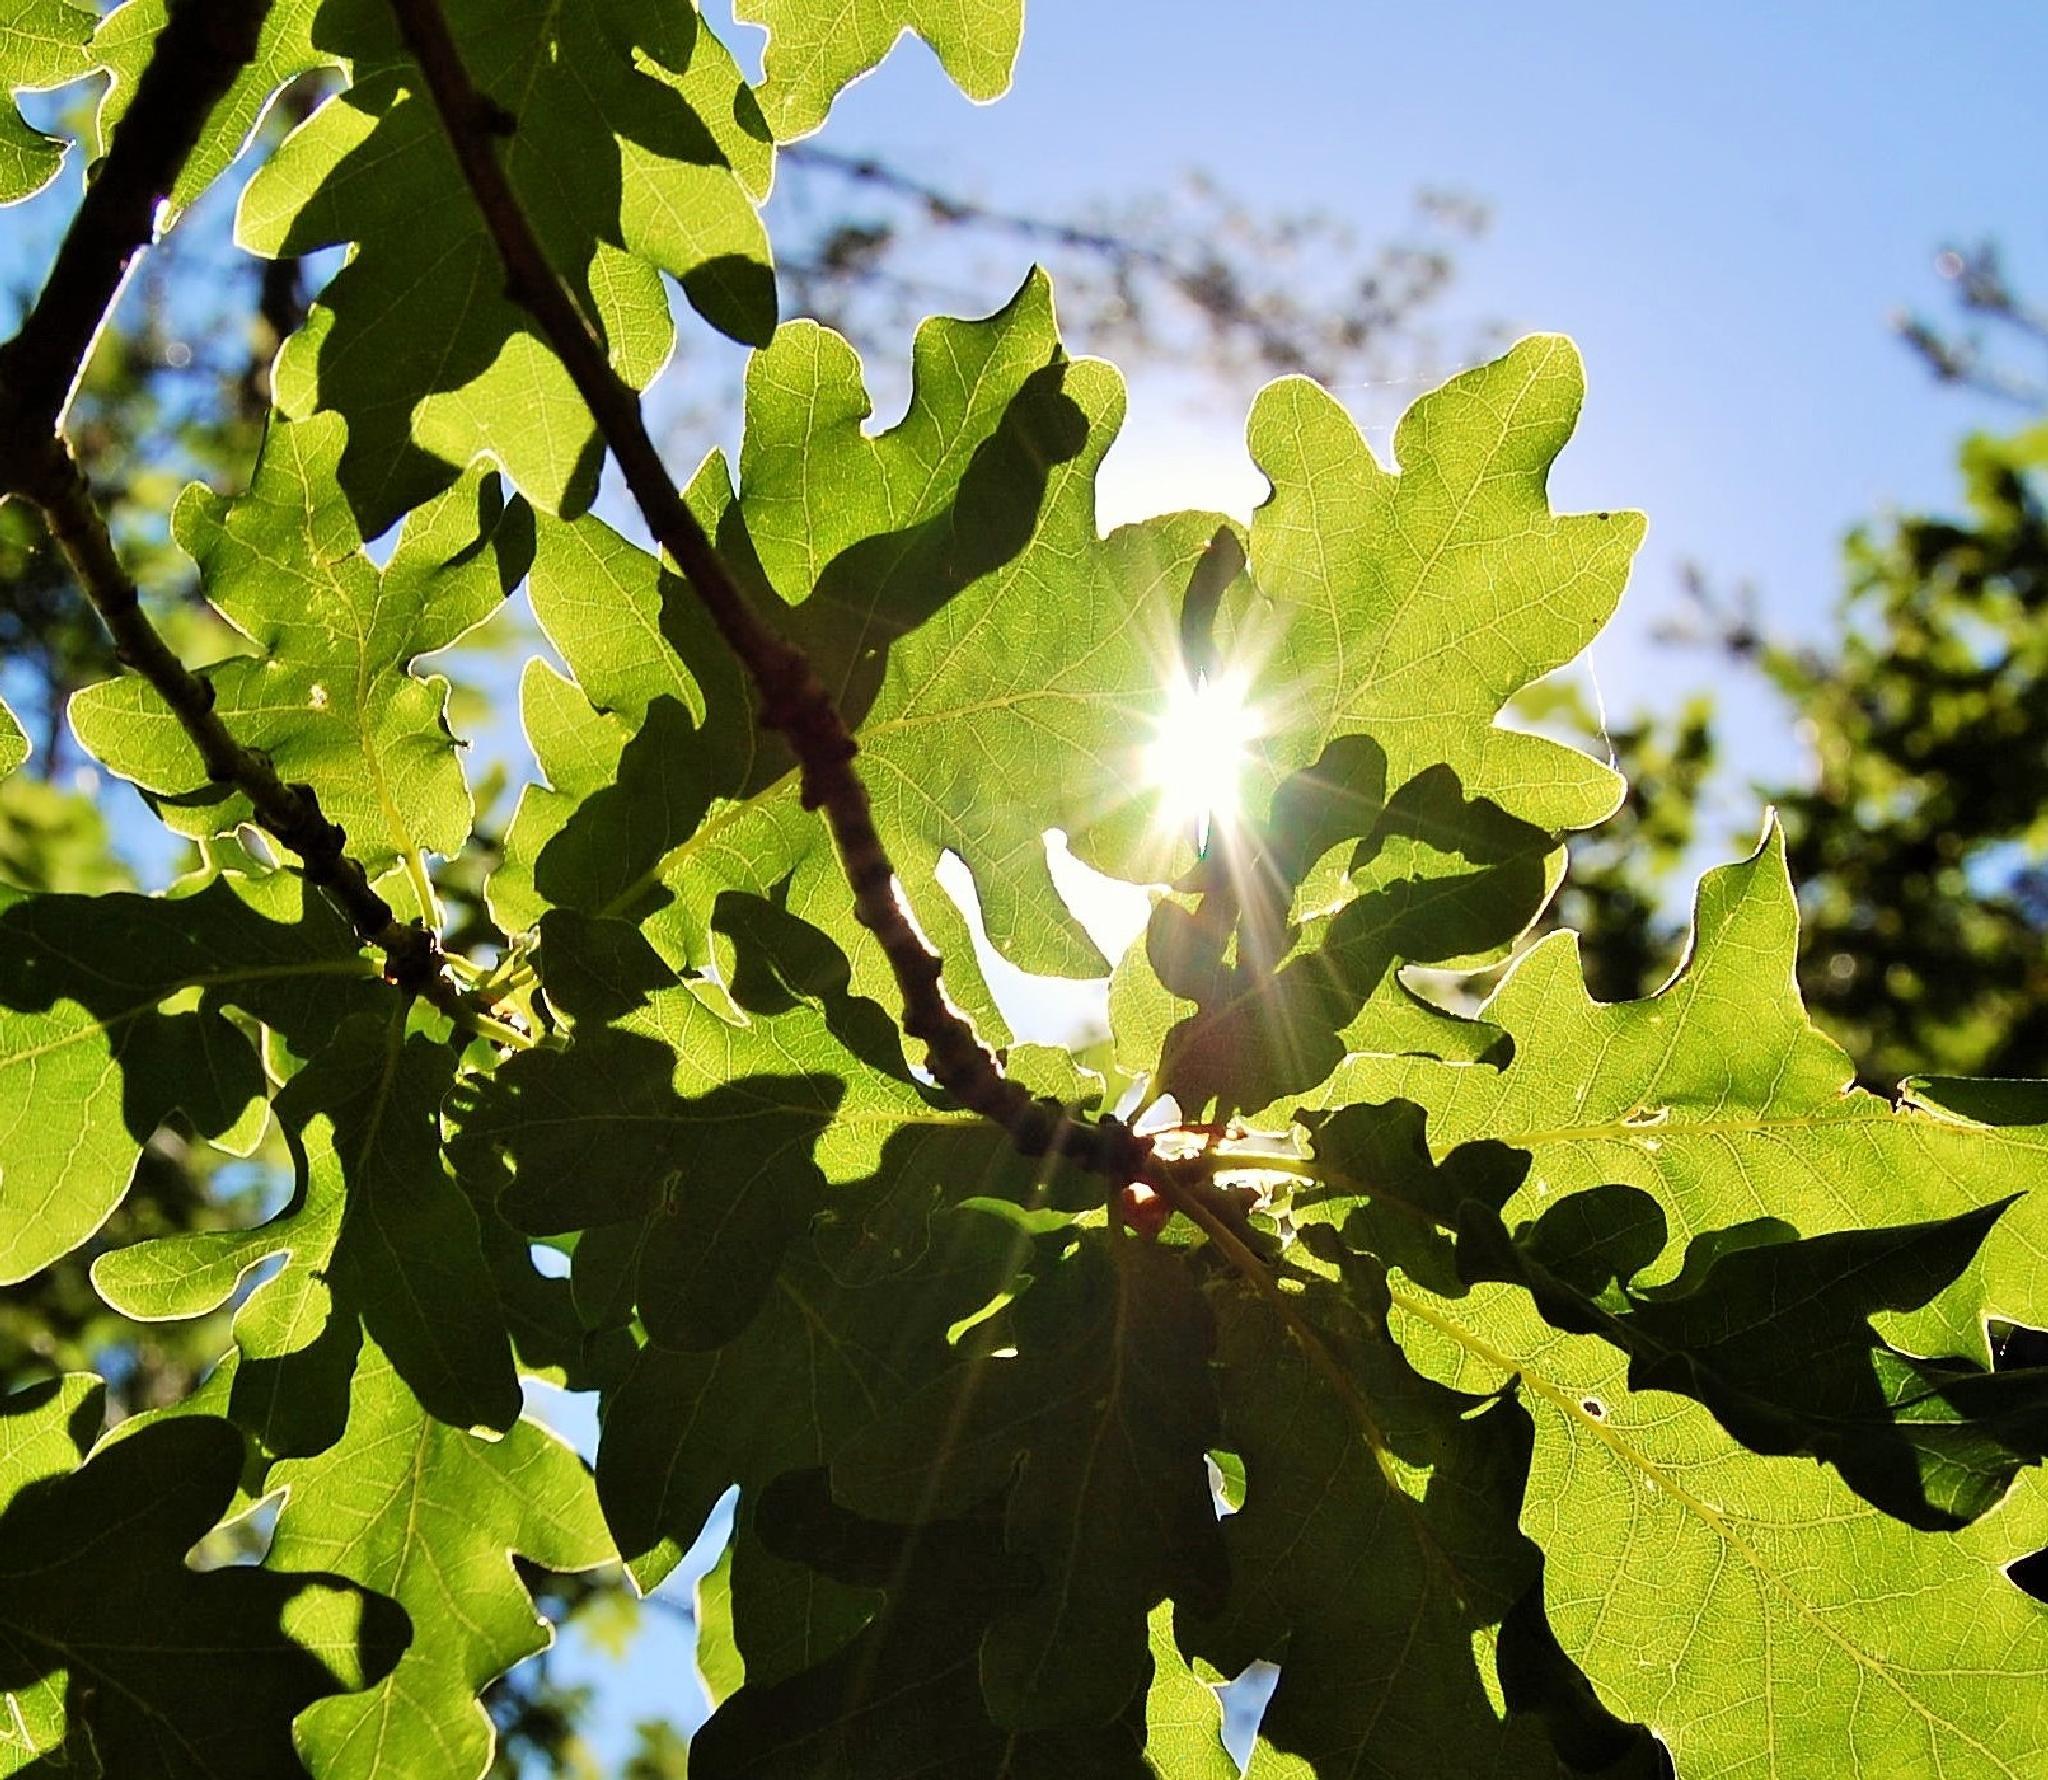 Sunlit oak leaves by lillemor.ekstrom ek